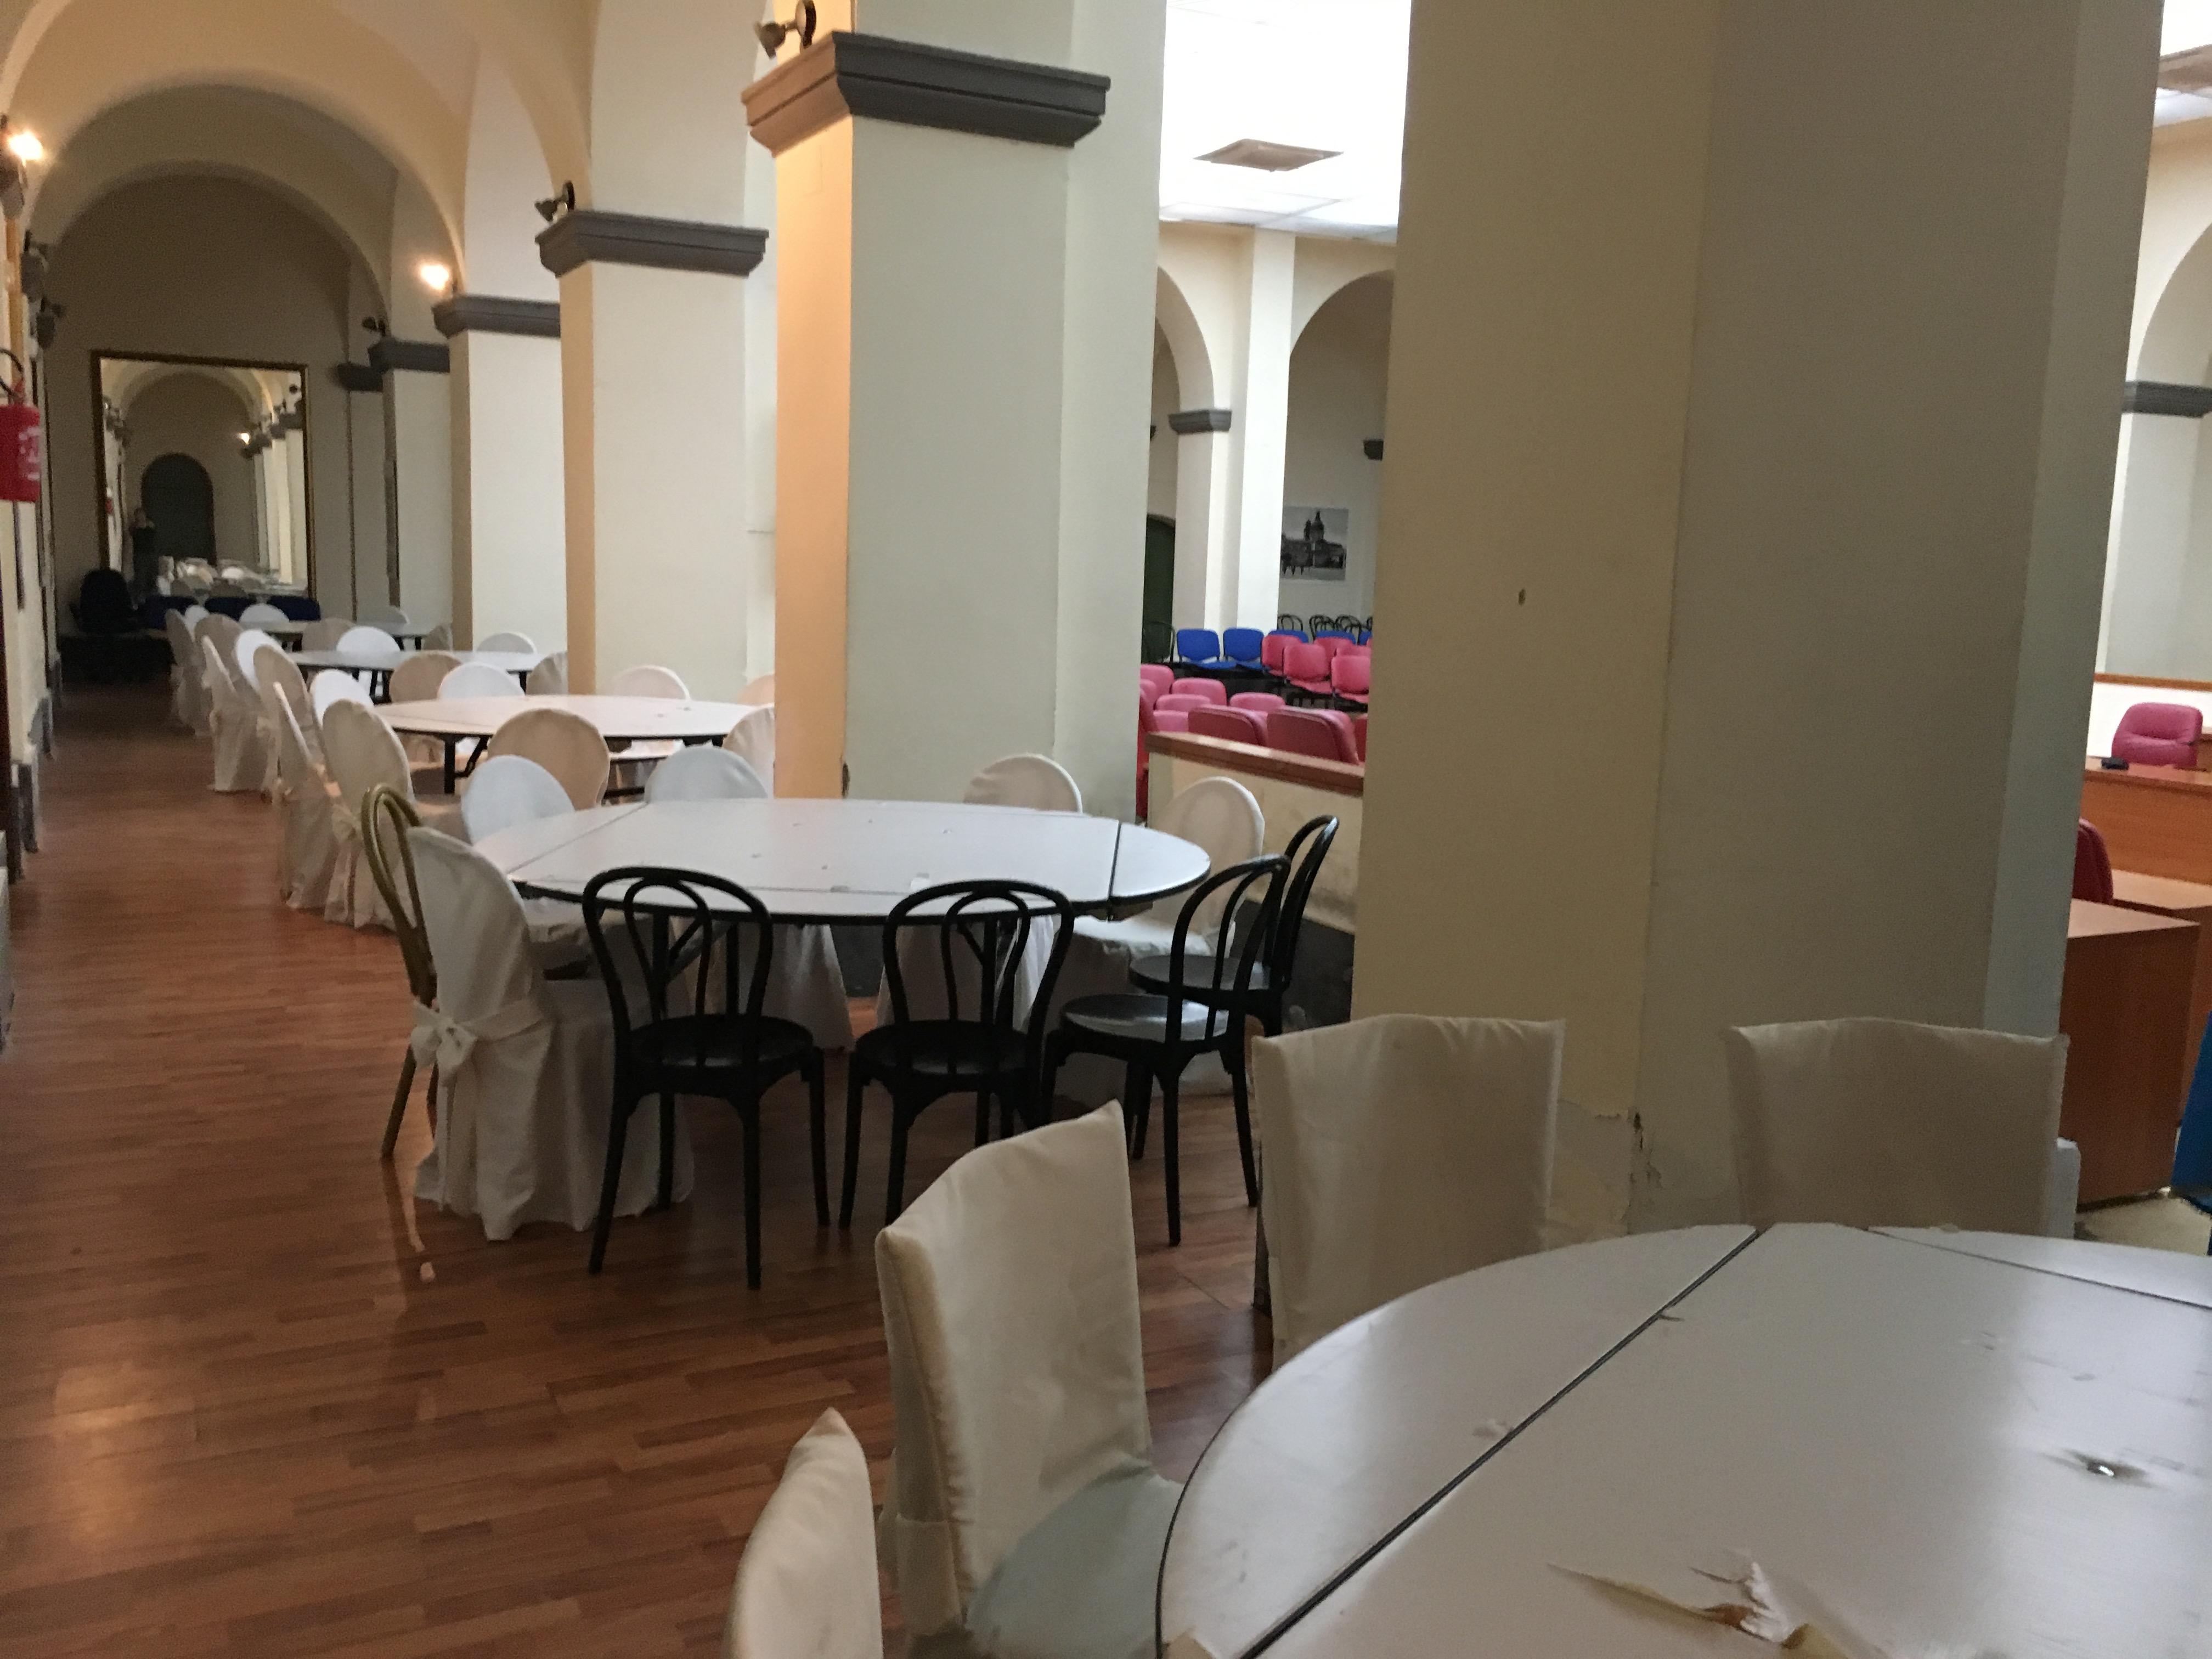 Solidarietà al Comune: l'aula consiliare diventa mensa per un giorno e gli assessori e sindaco servono i pasti